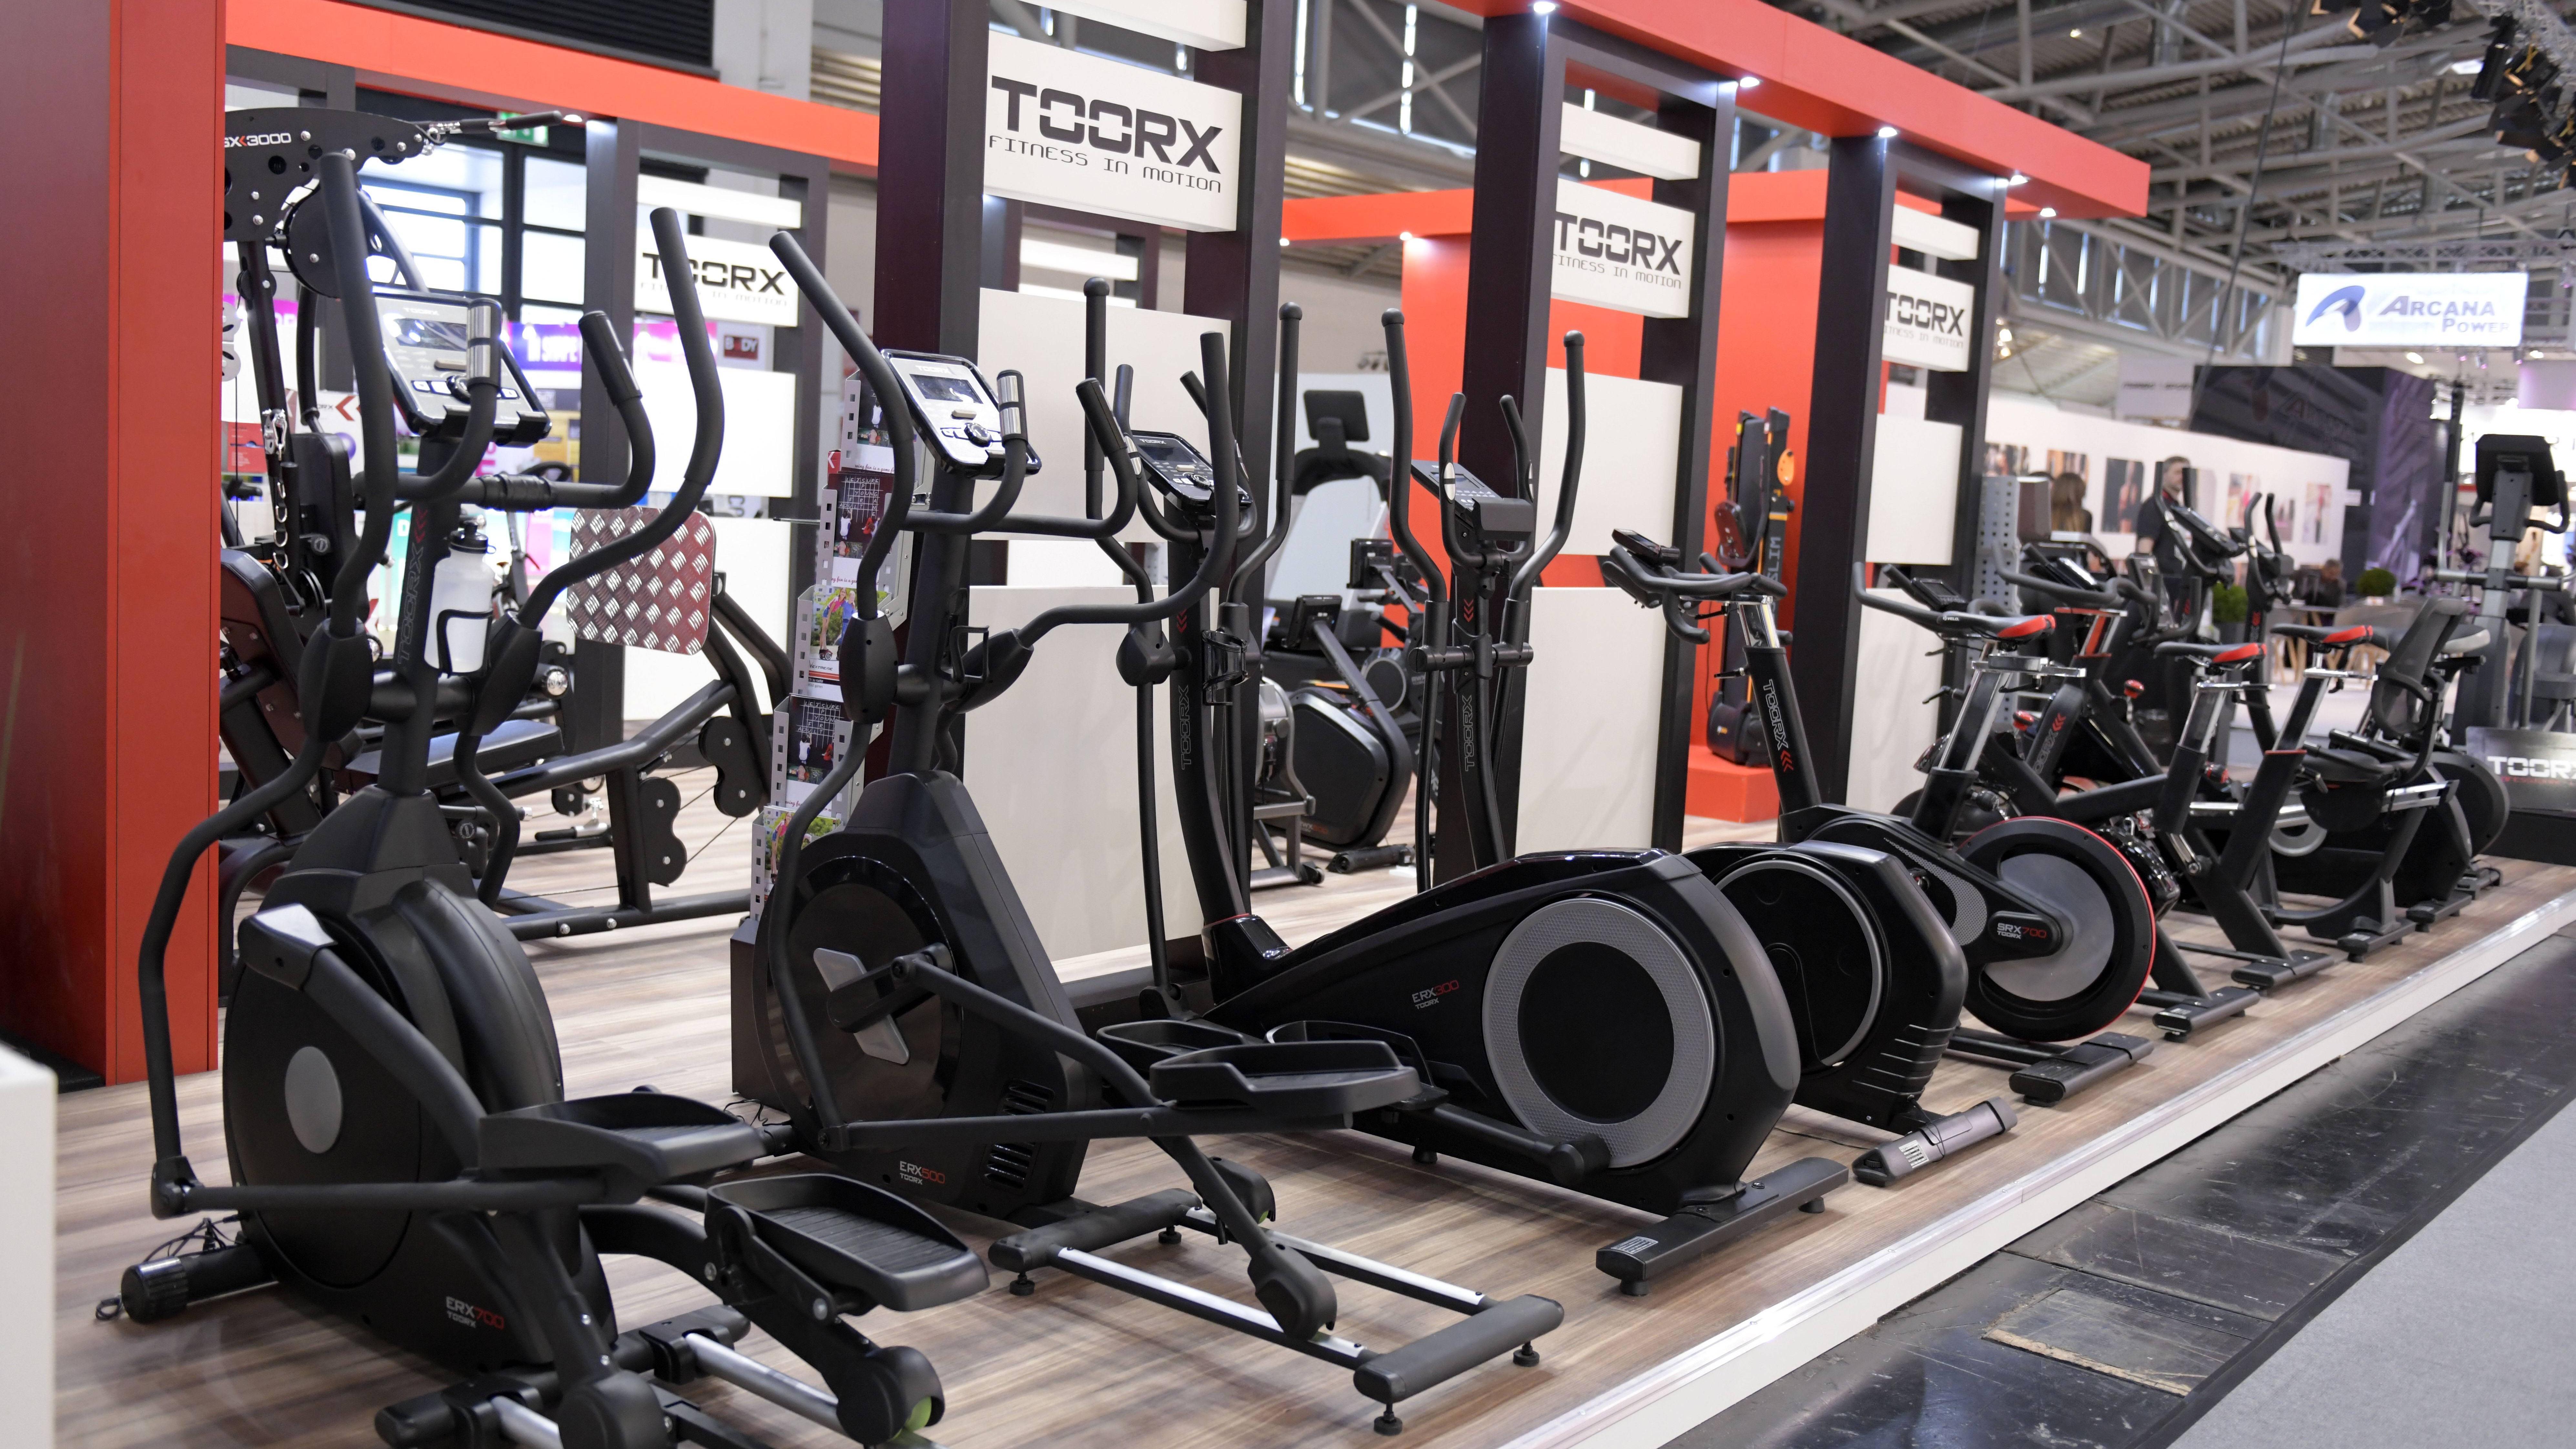 Crosstrainer oder Ellipsentrainer - wenn Sie beide Trainingsgeräte nebeneinander sehen, fällt der Unterschied sofort ins Auge. Denn beim Crosstrainer liegt das Schwungrad hinten und beim Ellipsentrainer vorn.